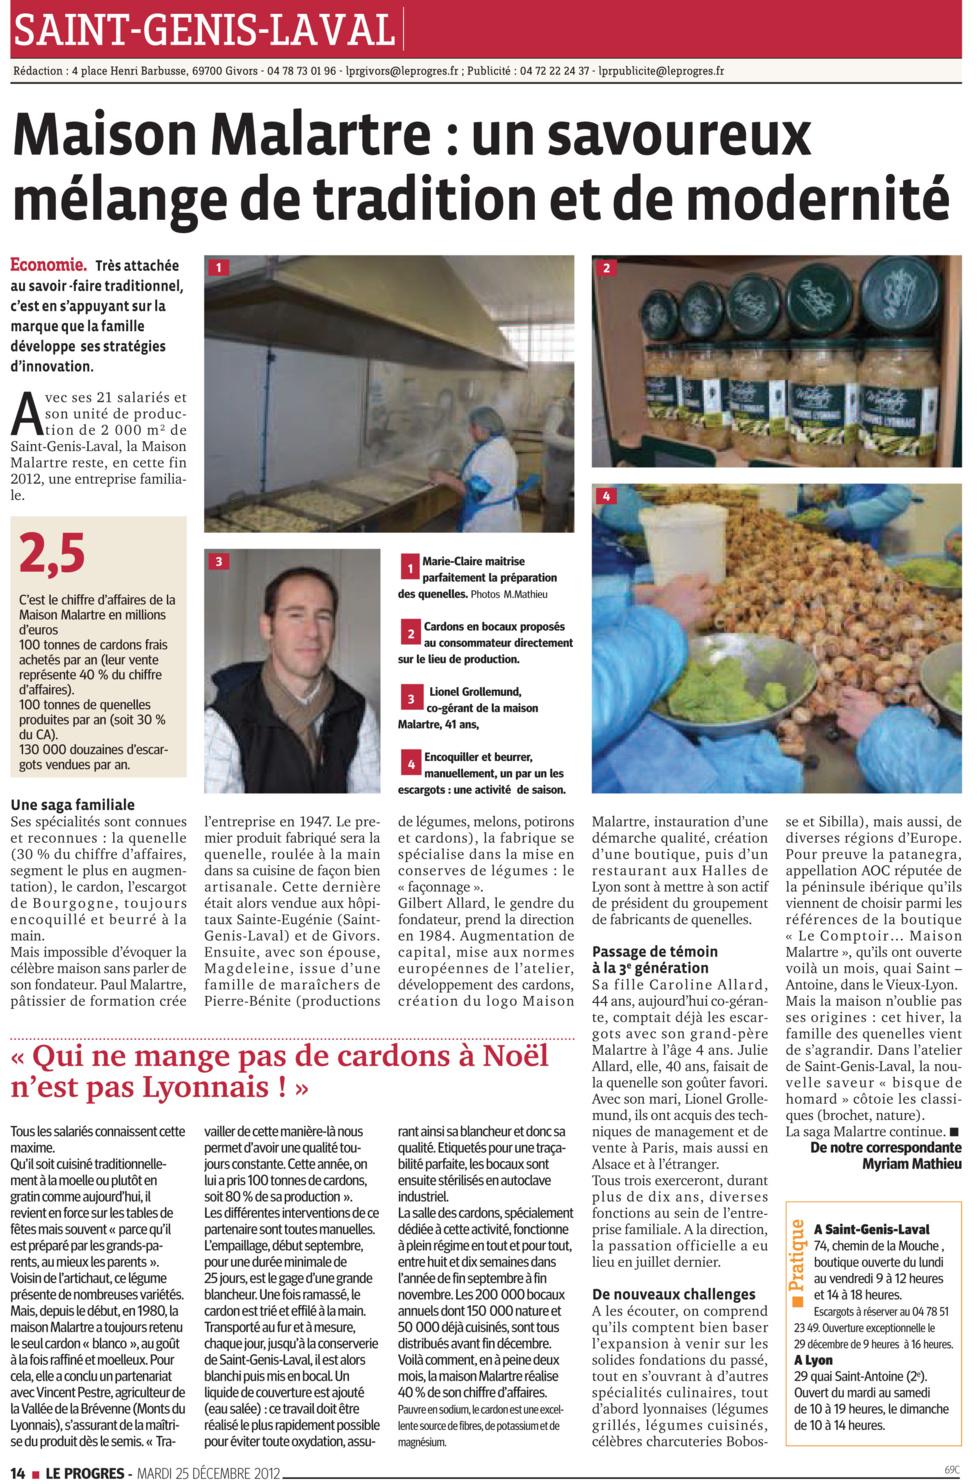 Maison Malartre : un savoureux mélange de tradition et de modernité – 2012